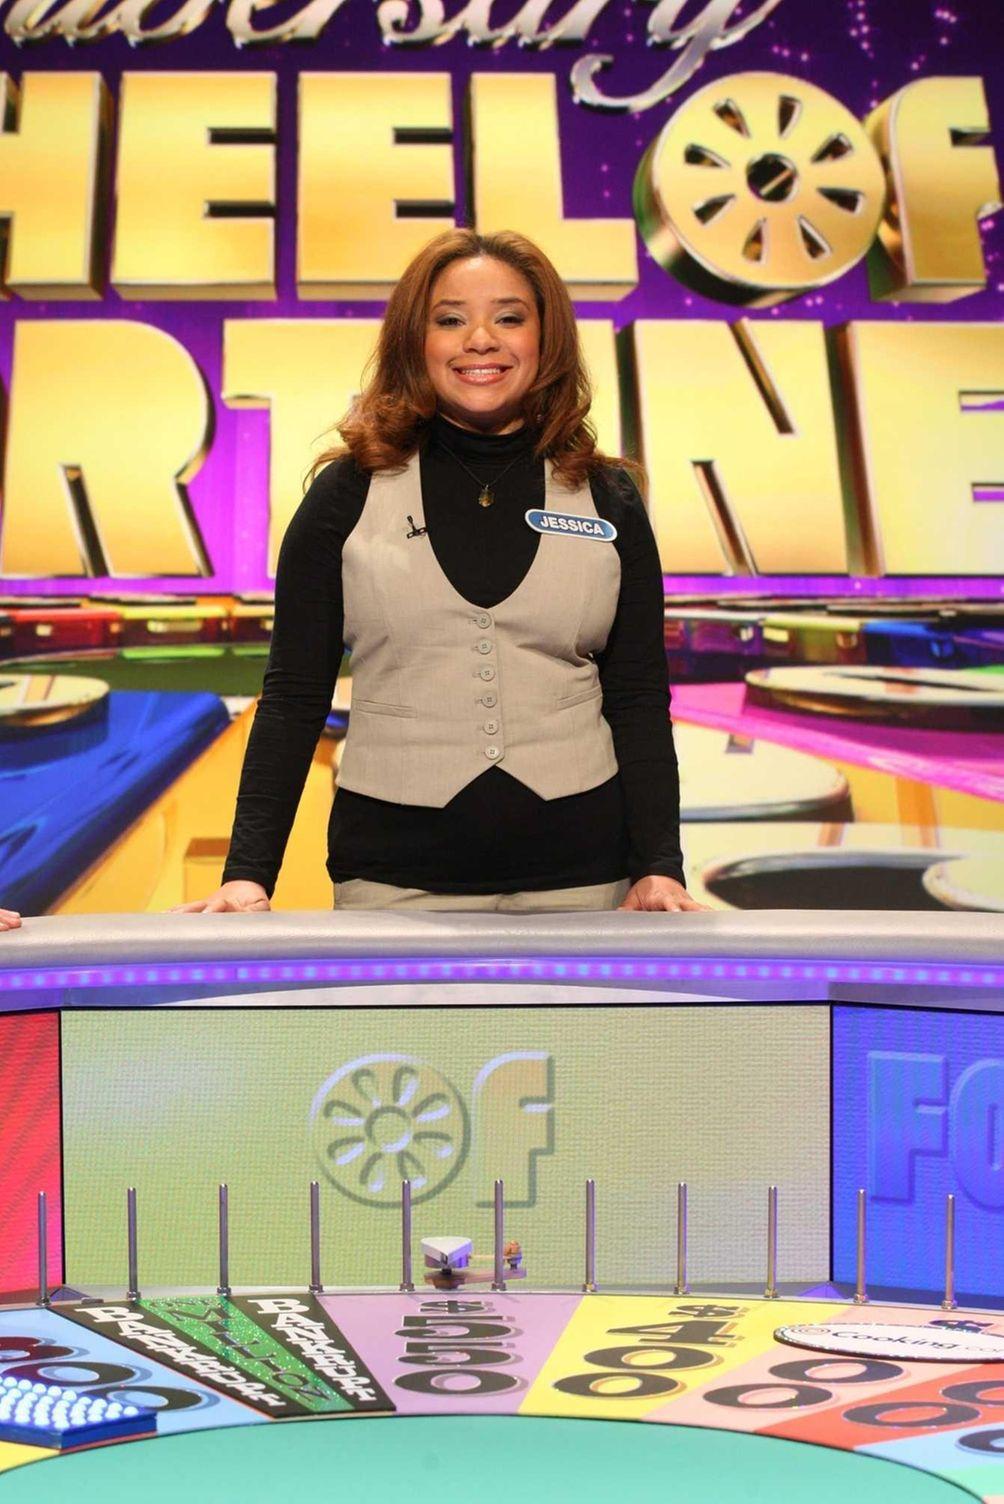 Westbury's Jessica Stean won $25,262 on an episode